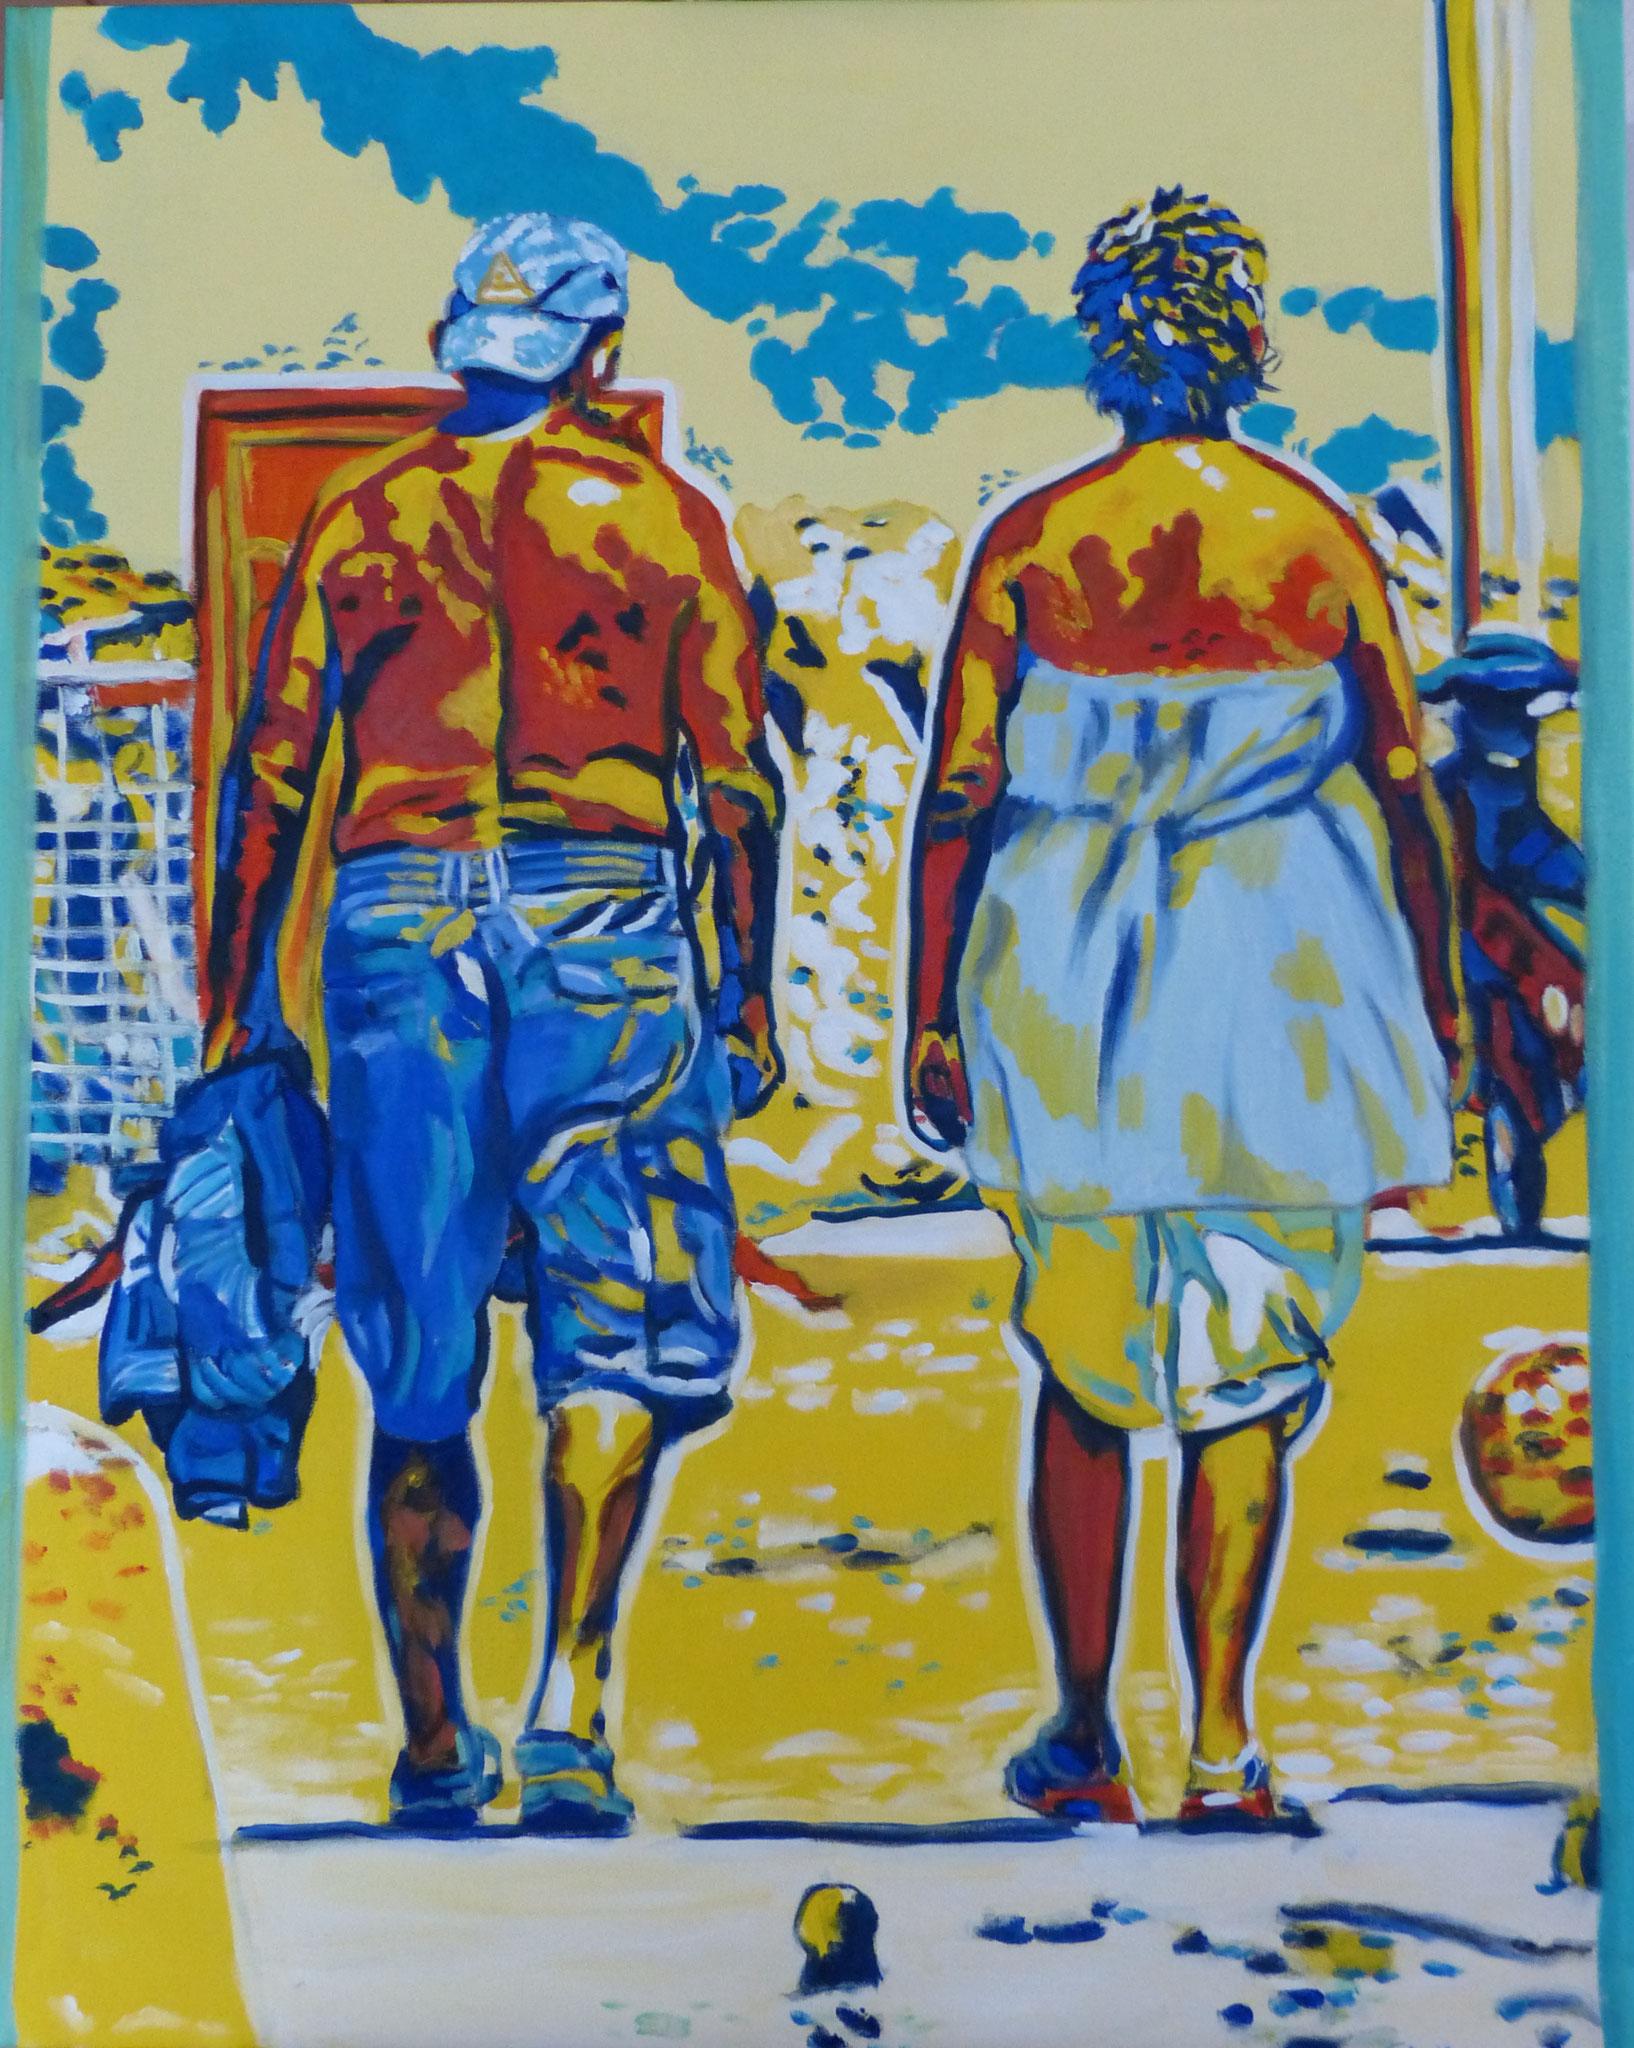 Ugly tourists II, 2013, 100 x 80cm, Öl auf Leinwand